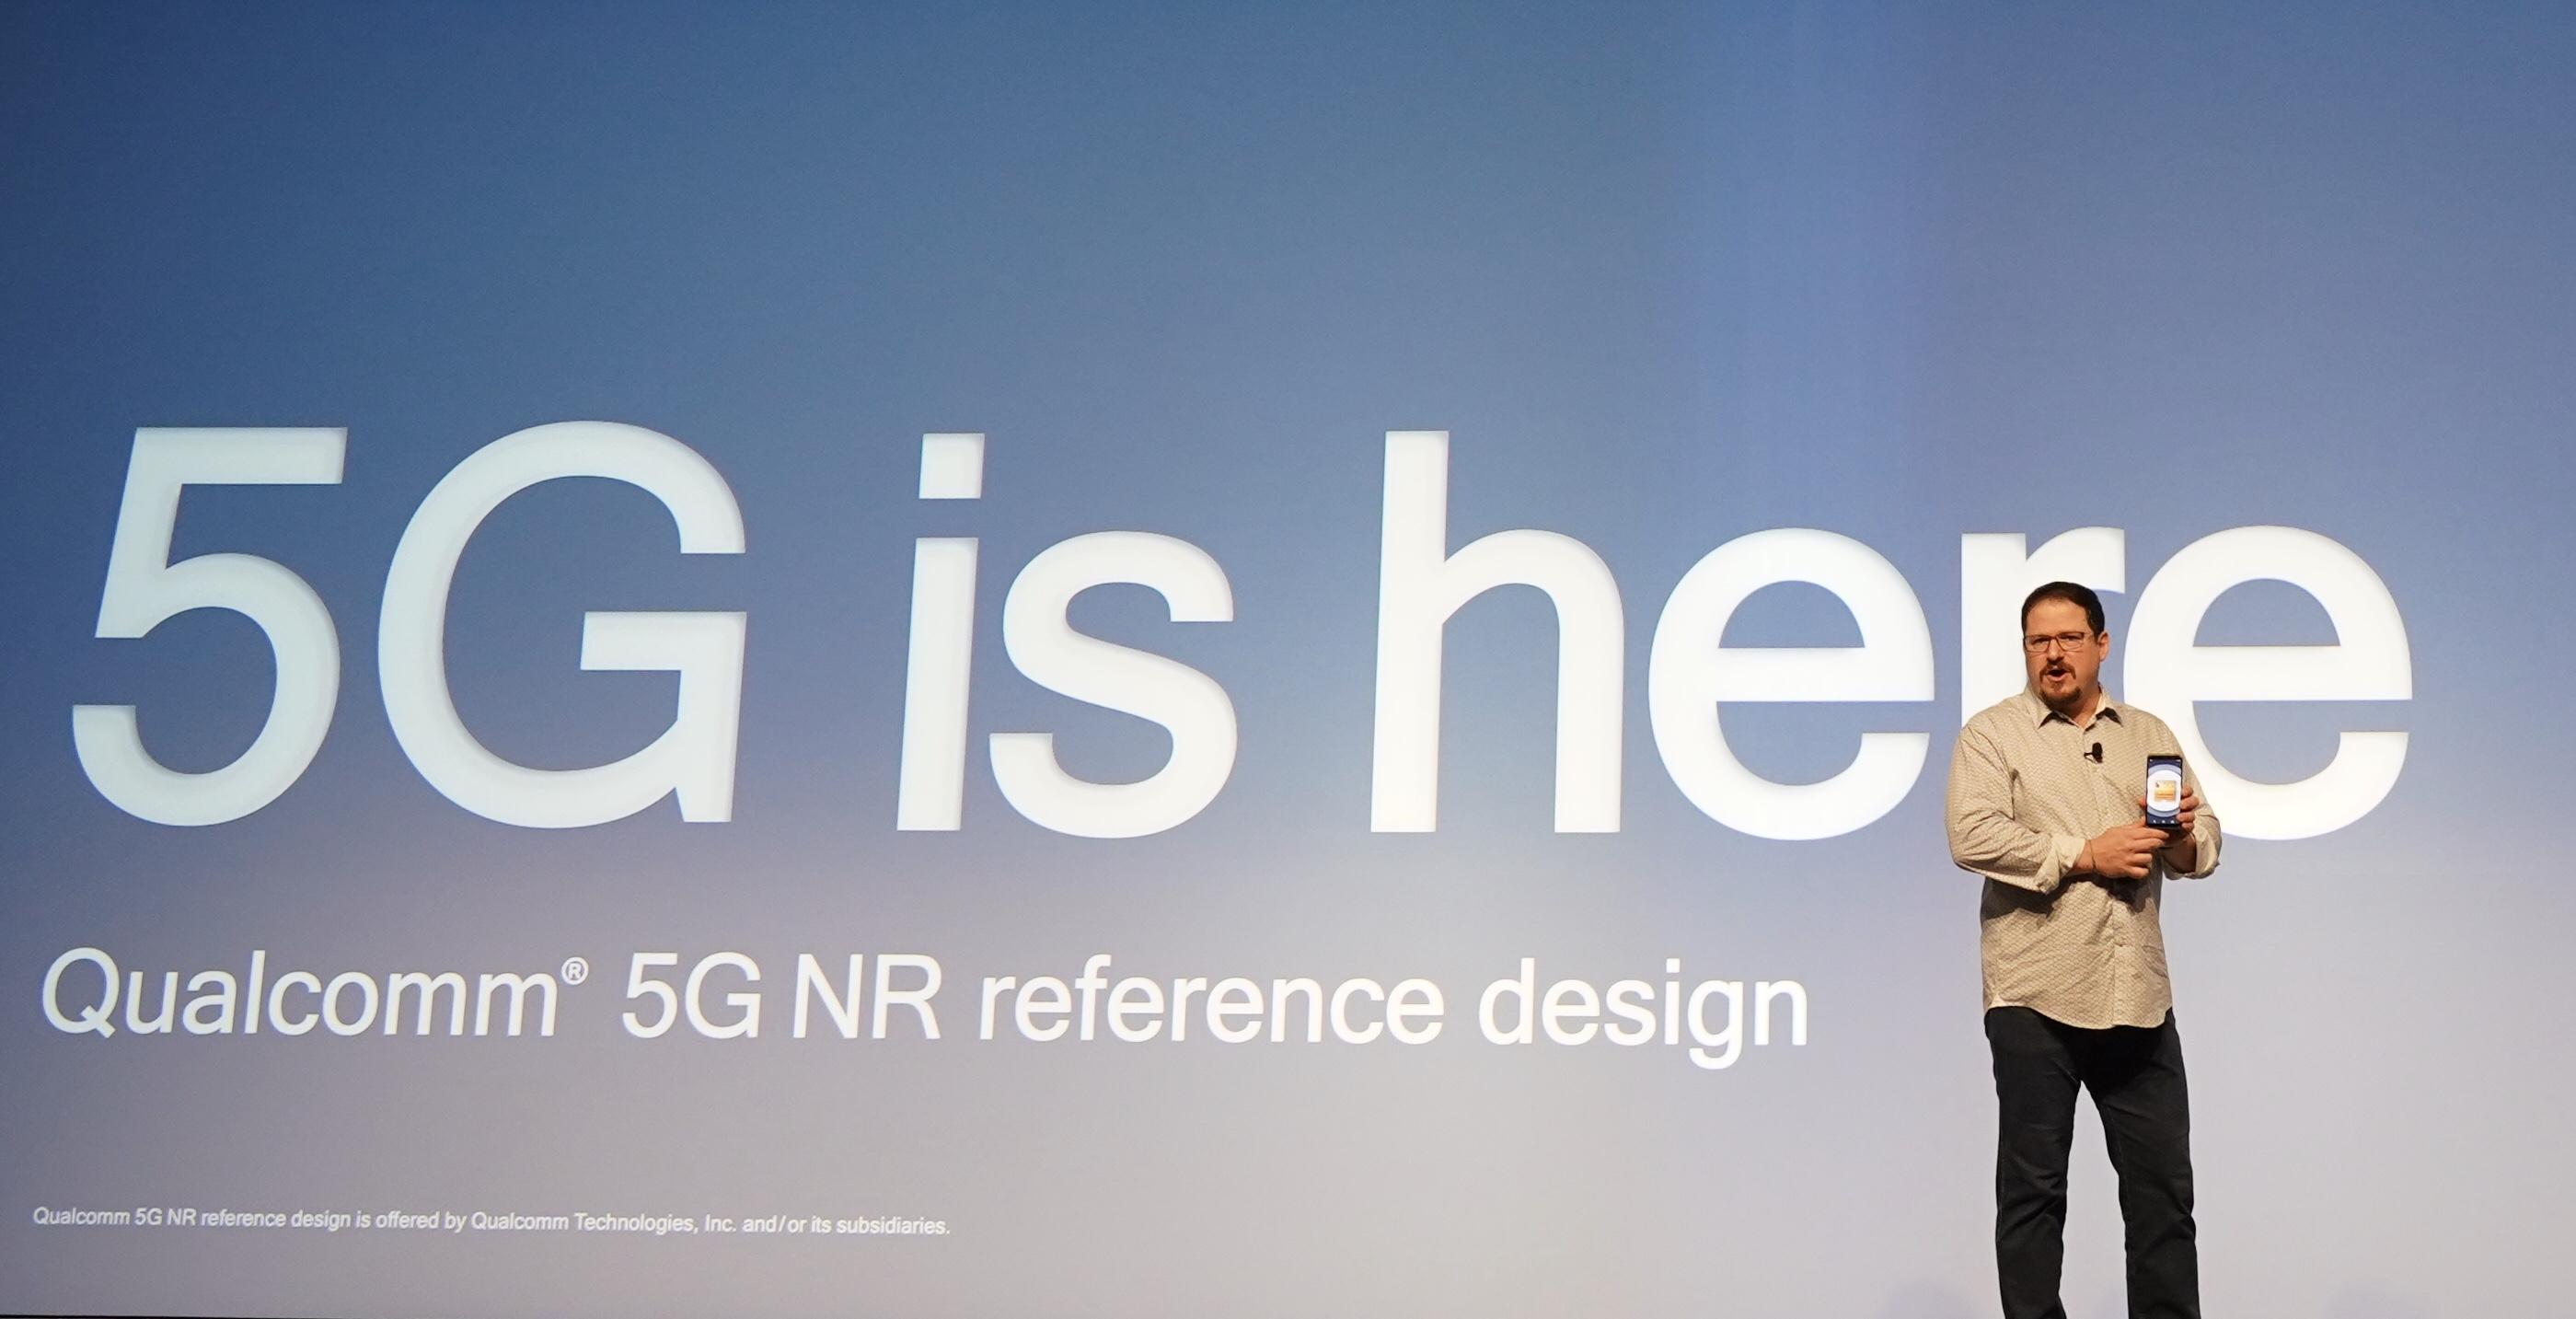 骁龙855平台来袭!高通与全球移动运营商共同探讨5G部署